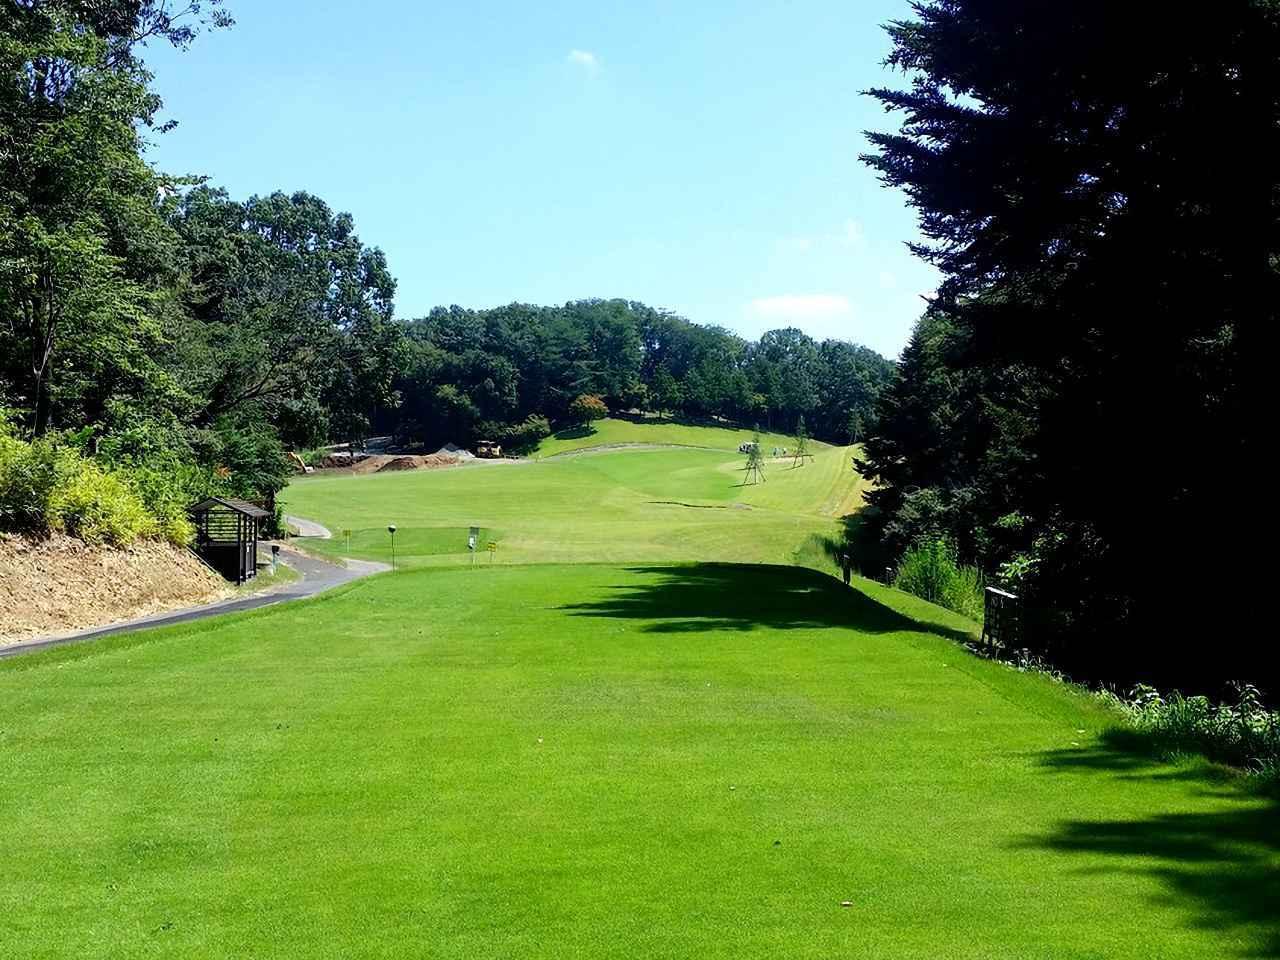 画像: 入間カントリー倶楽部。ゴルフ場全体のコンディションに定評のある、丘陵林間コース